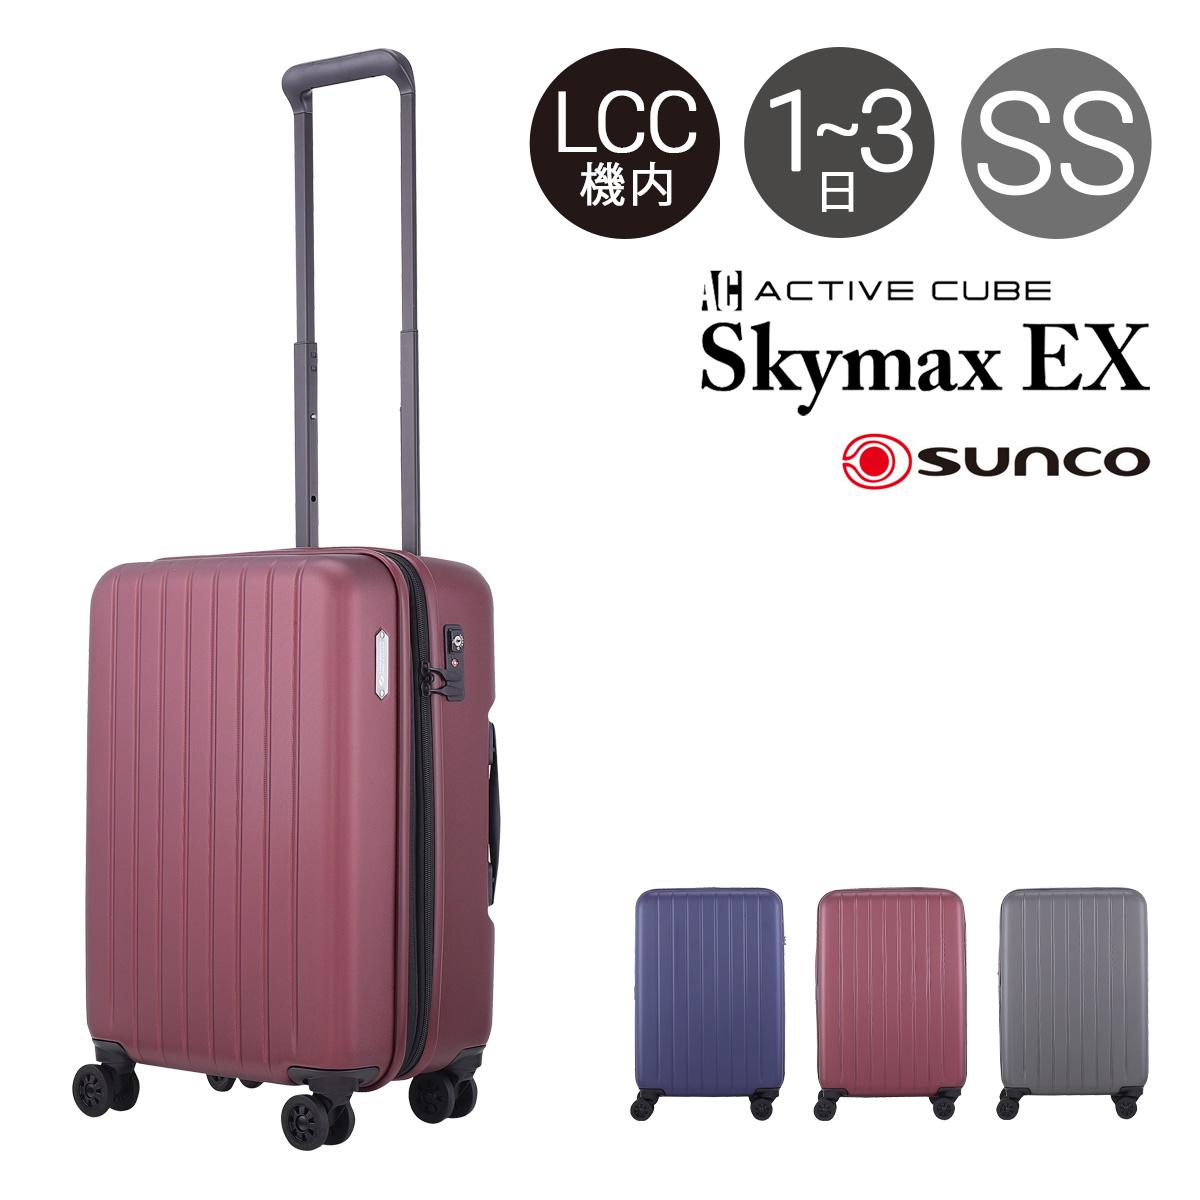 サンコー スーツケース 41L 46cm 2.5kg ハード ファスナー 機内持ち込み LCC スカイマックスEX メンズ レディース ACSE-46 SUNCO   キャリーケース 拡張 軽量 静音 TSAロック搭載 HINOMOTO[bef][PO10][即日発送]